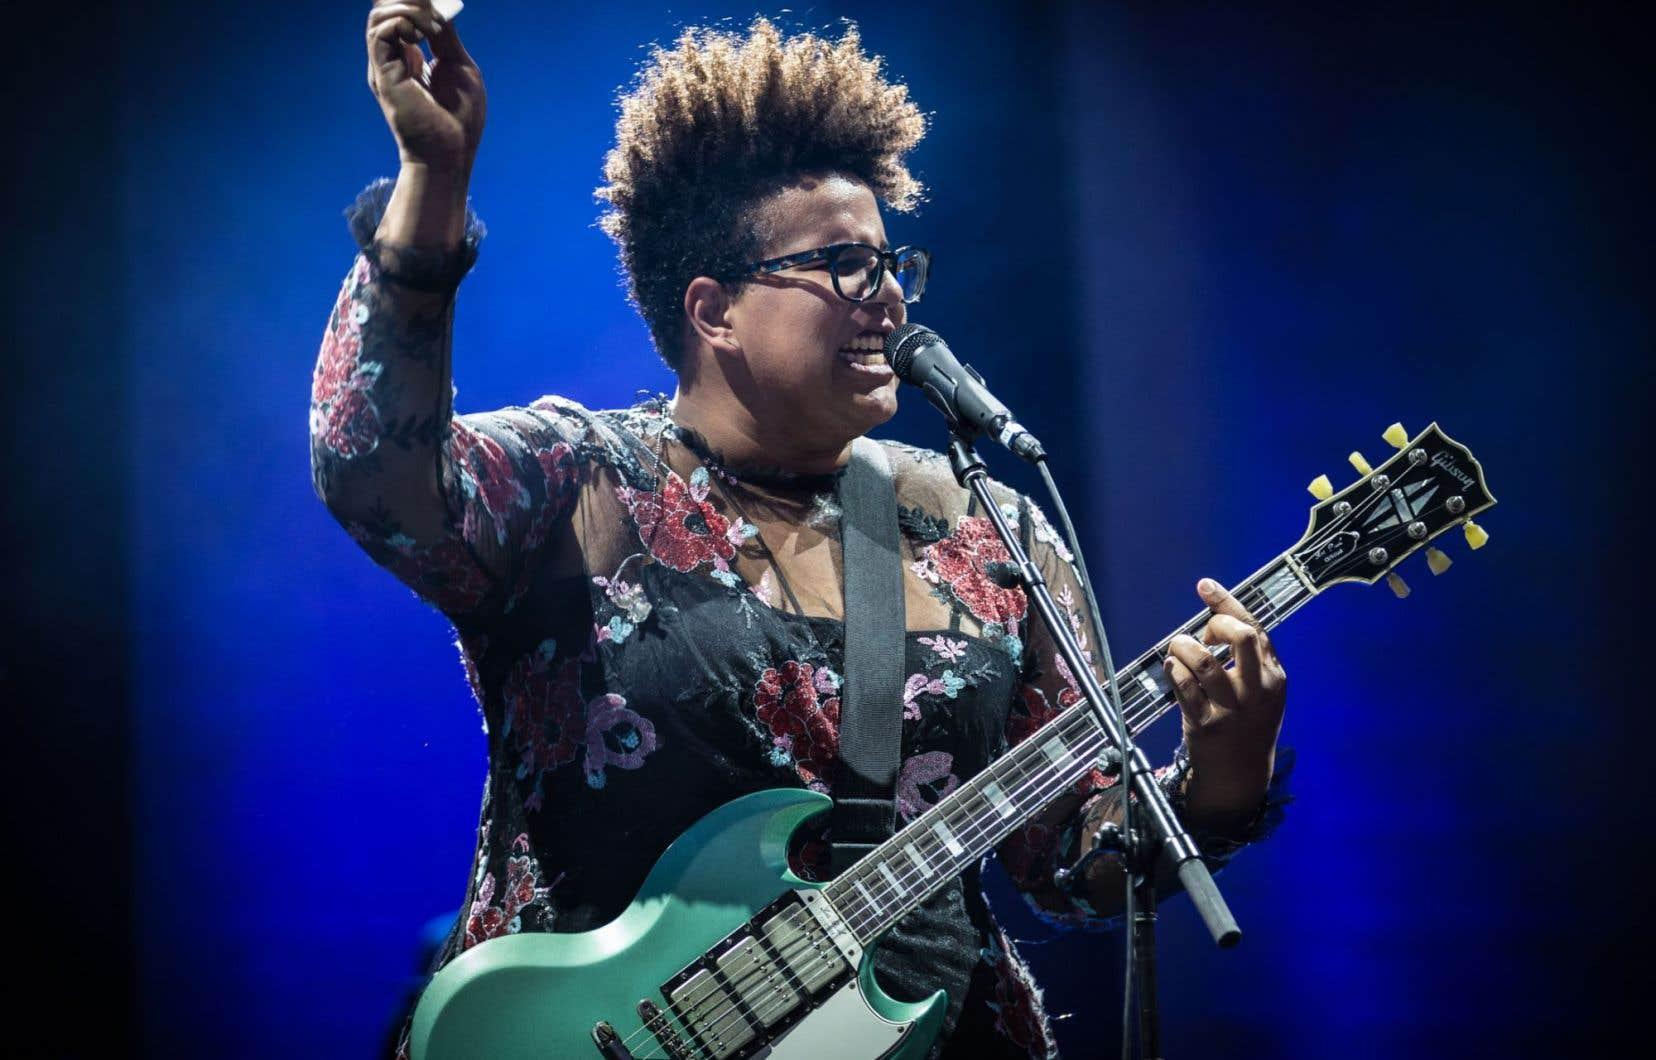 Les musiciennes ont volé la vedette ce dimanche, à Osheaga. Sur la photo, Brittany Howard, leader d'Alabama Shakes.